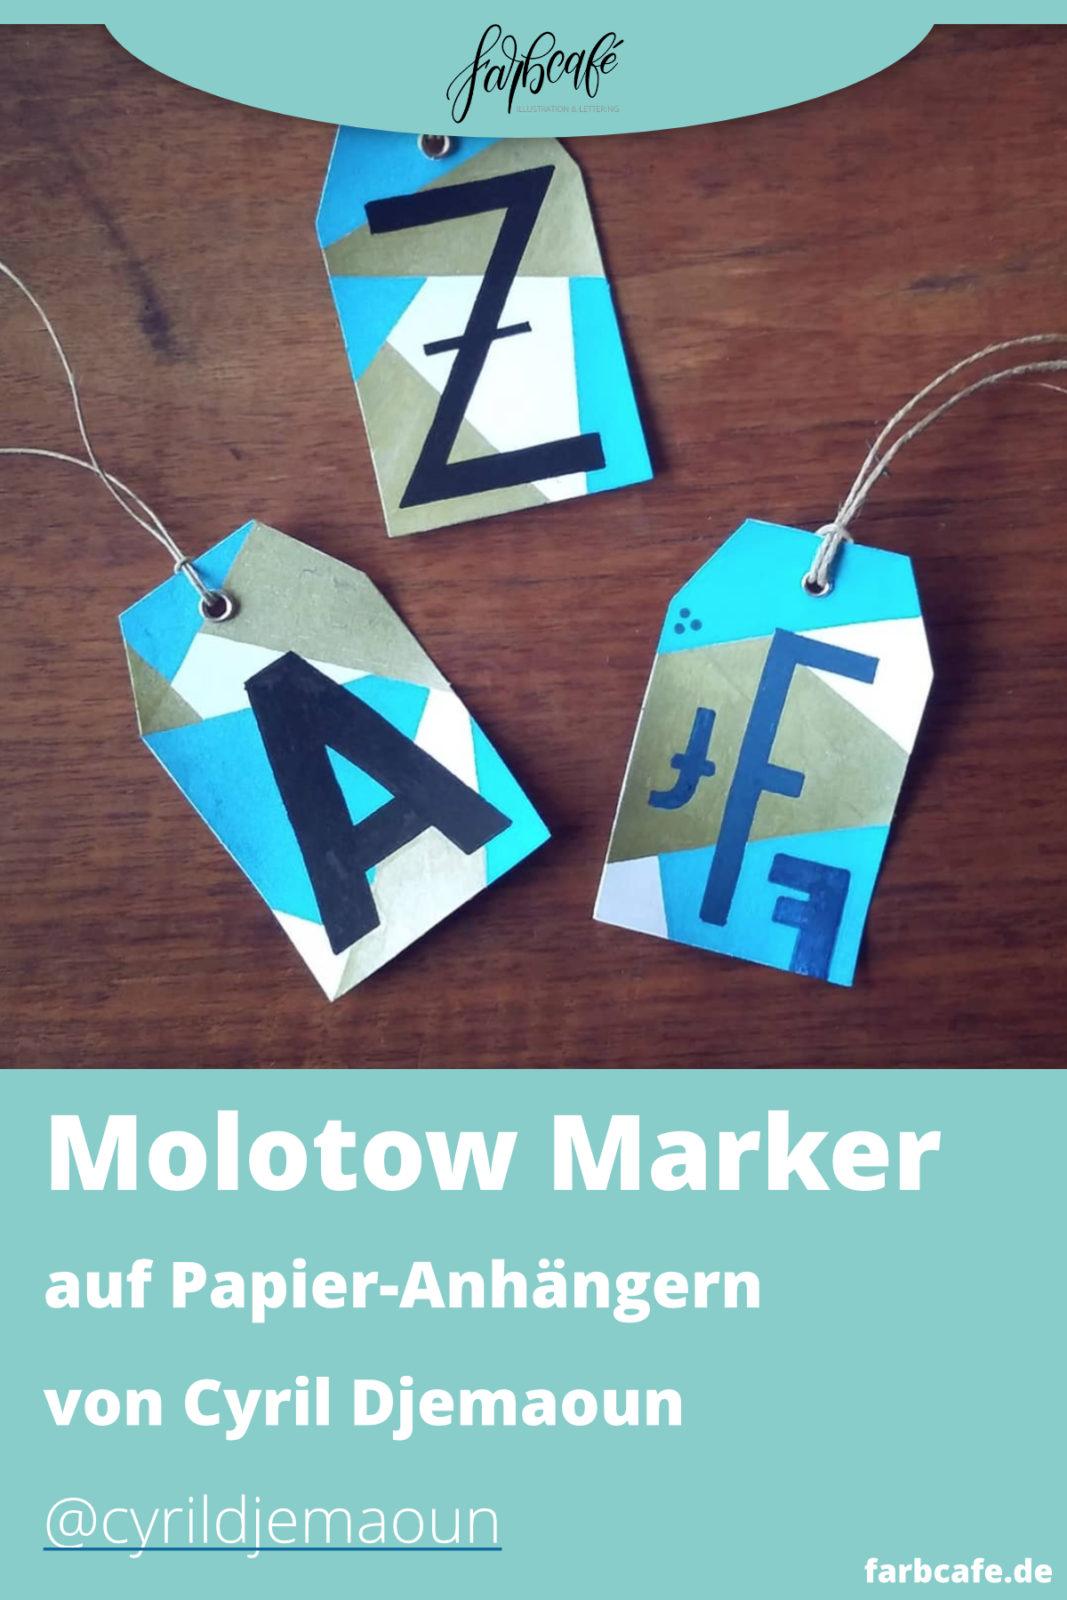 Molotow Marker auf Papier Anhängern von Cyril Djemaoun @cyrildjemaoun